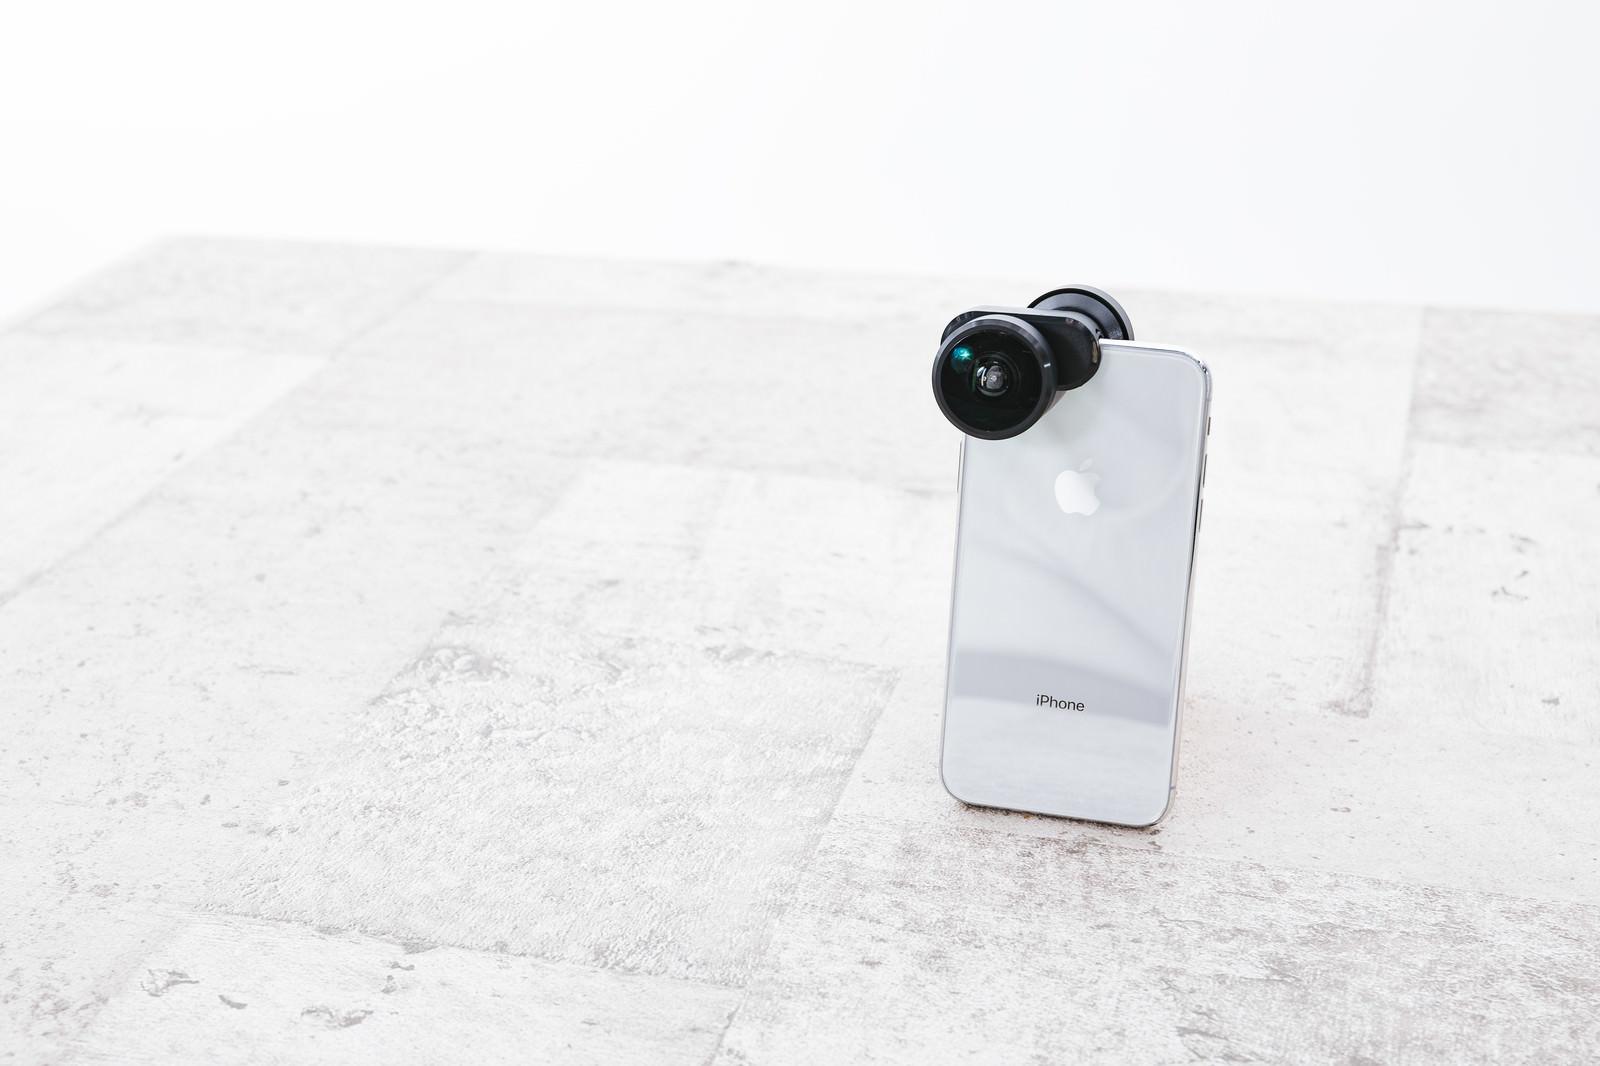 「スマホに取り付けて360度撮影ができるレンズ」の写真